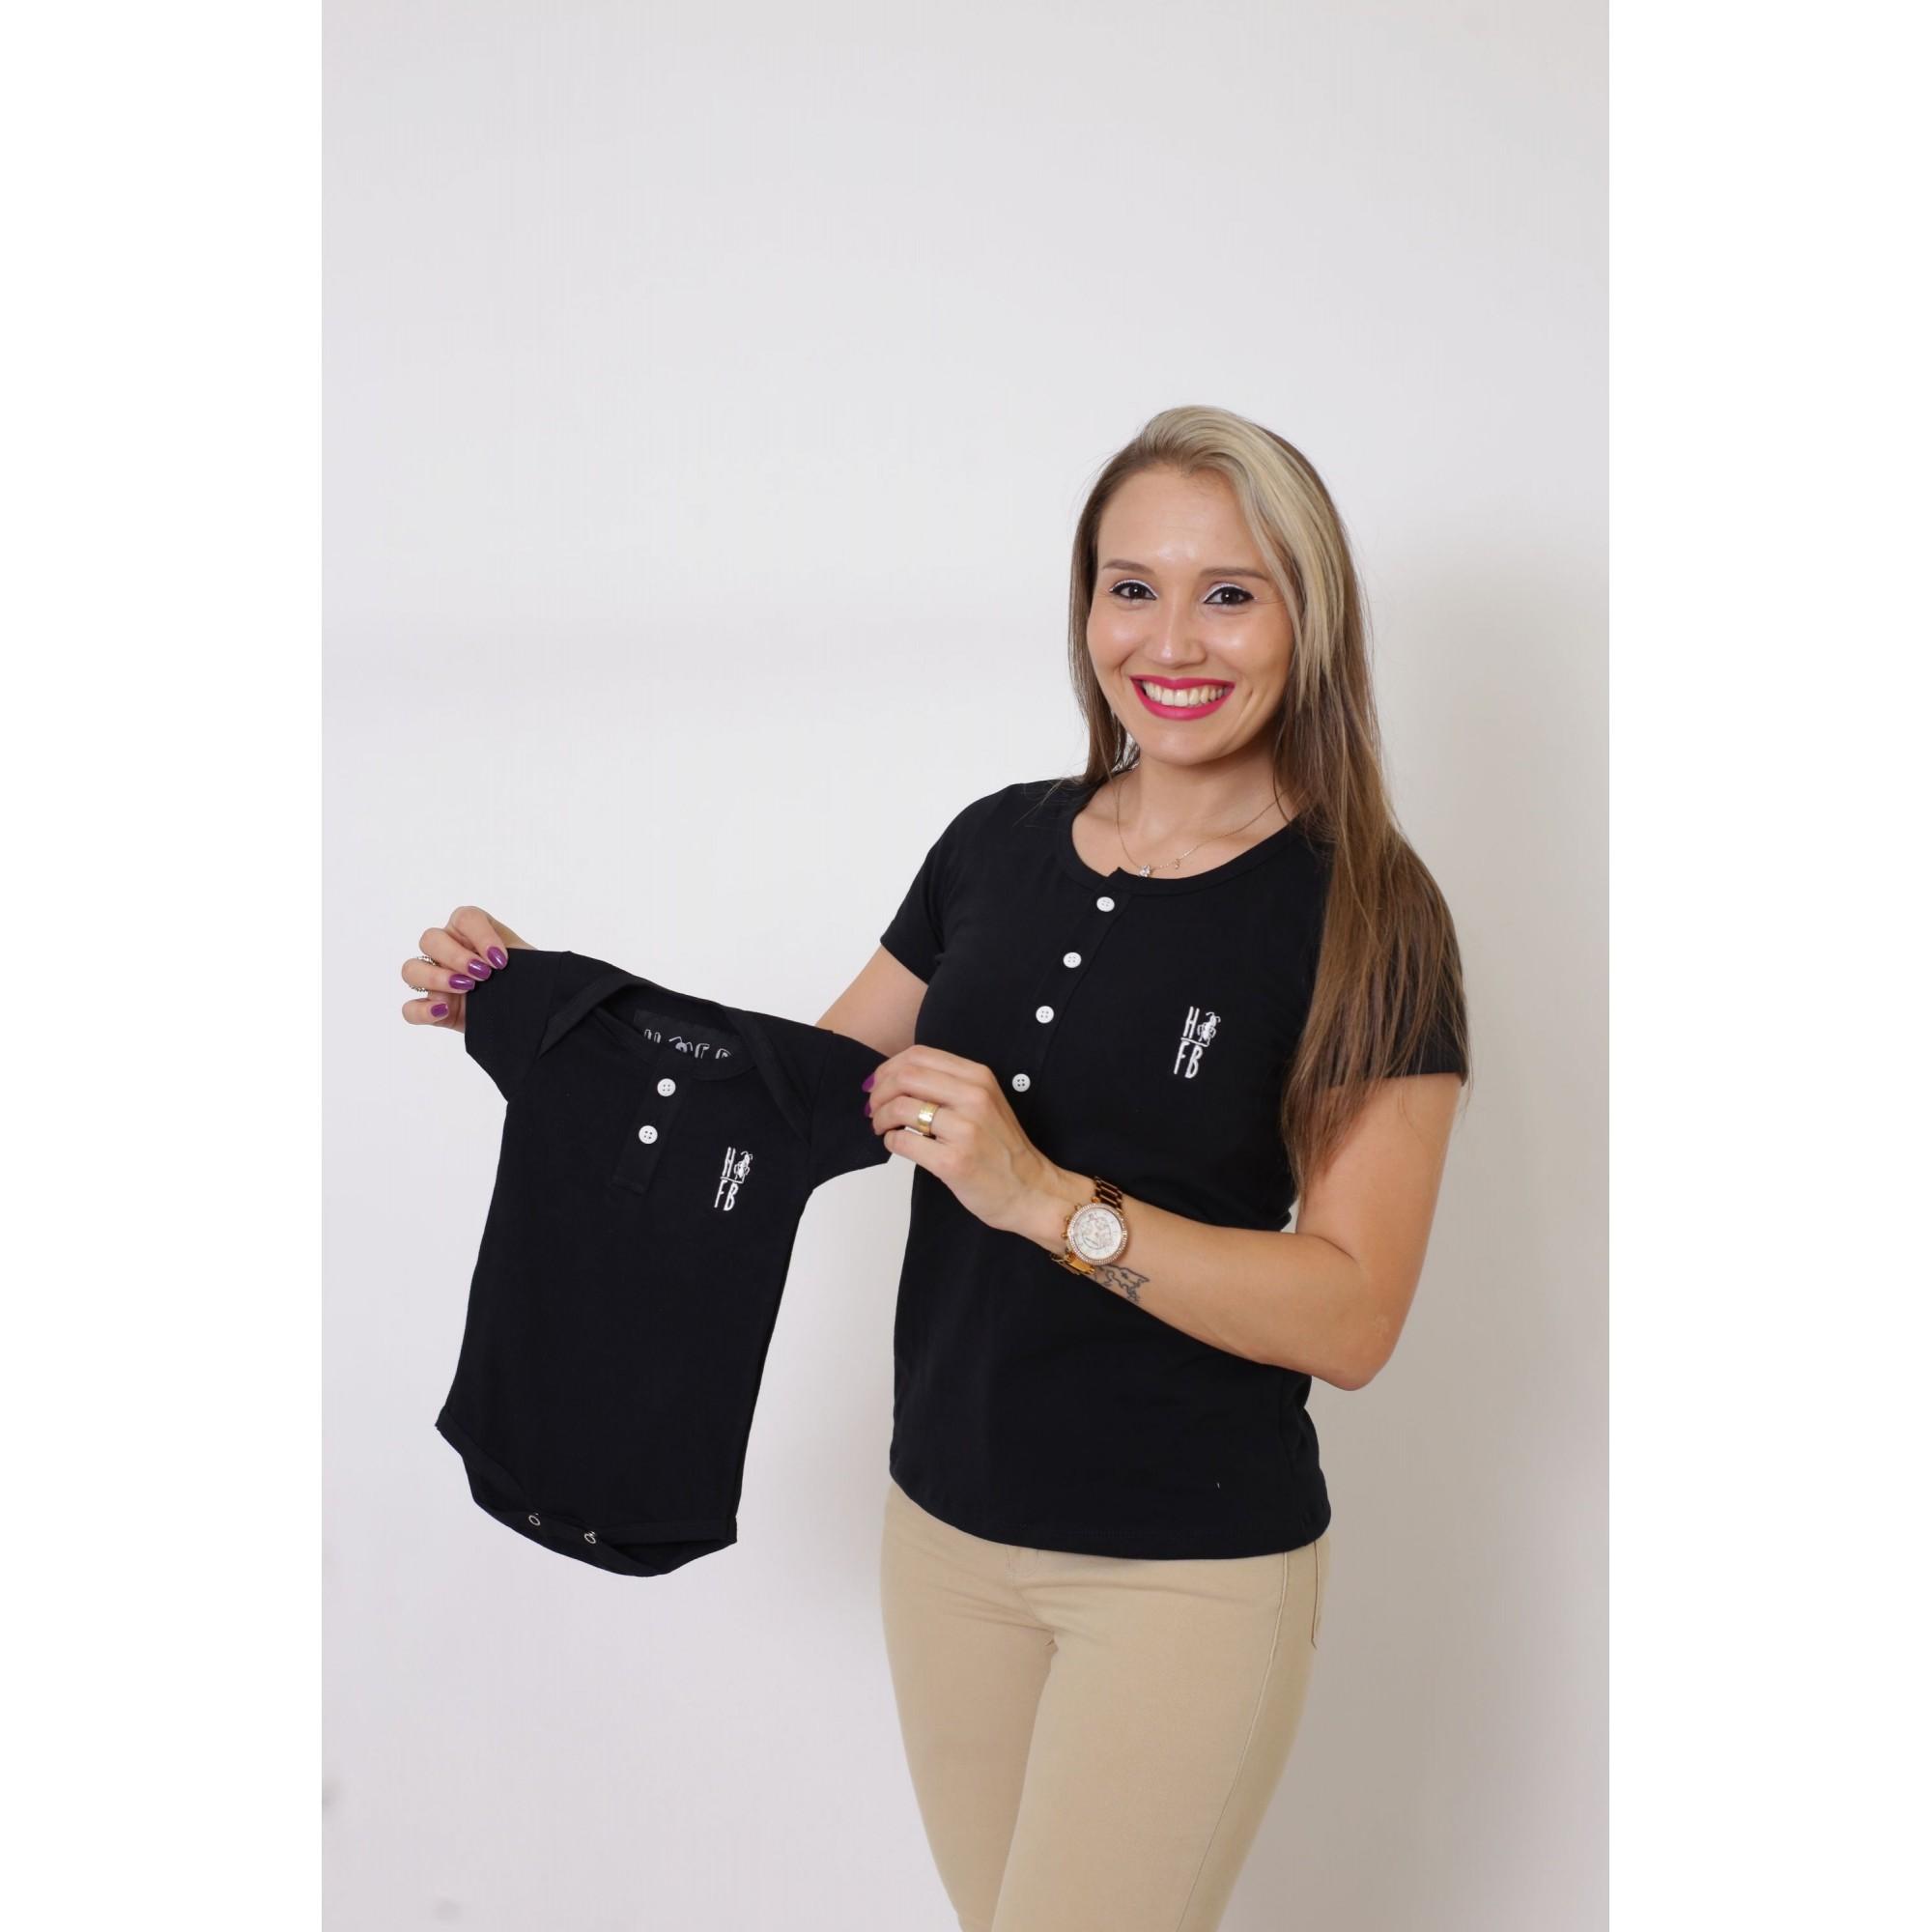 MÃE E FILHOS > Kit 02 Peças - T-Shirt + Body Henley - Preto [Coleção Tal Mãe Tal Filho]